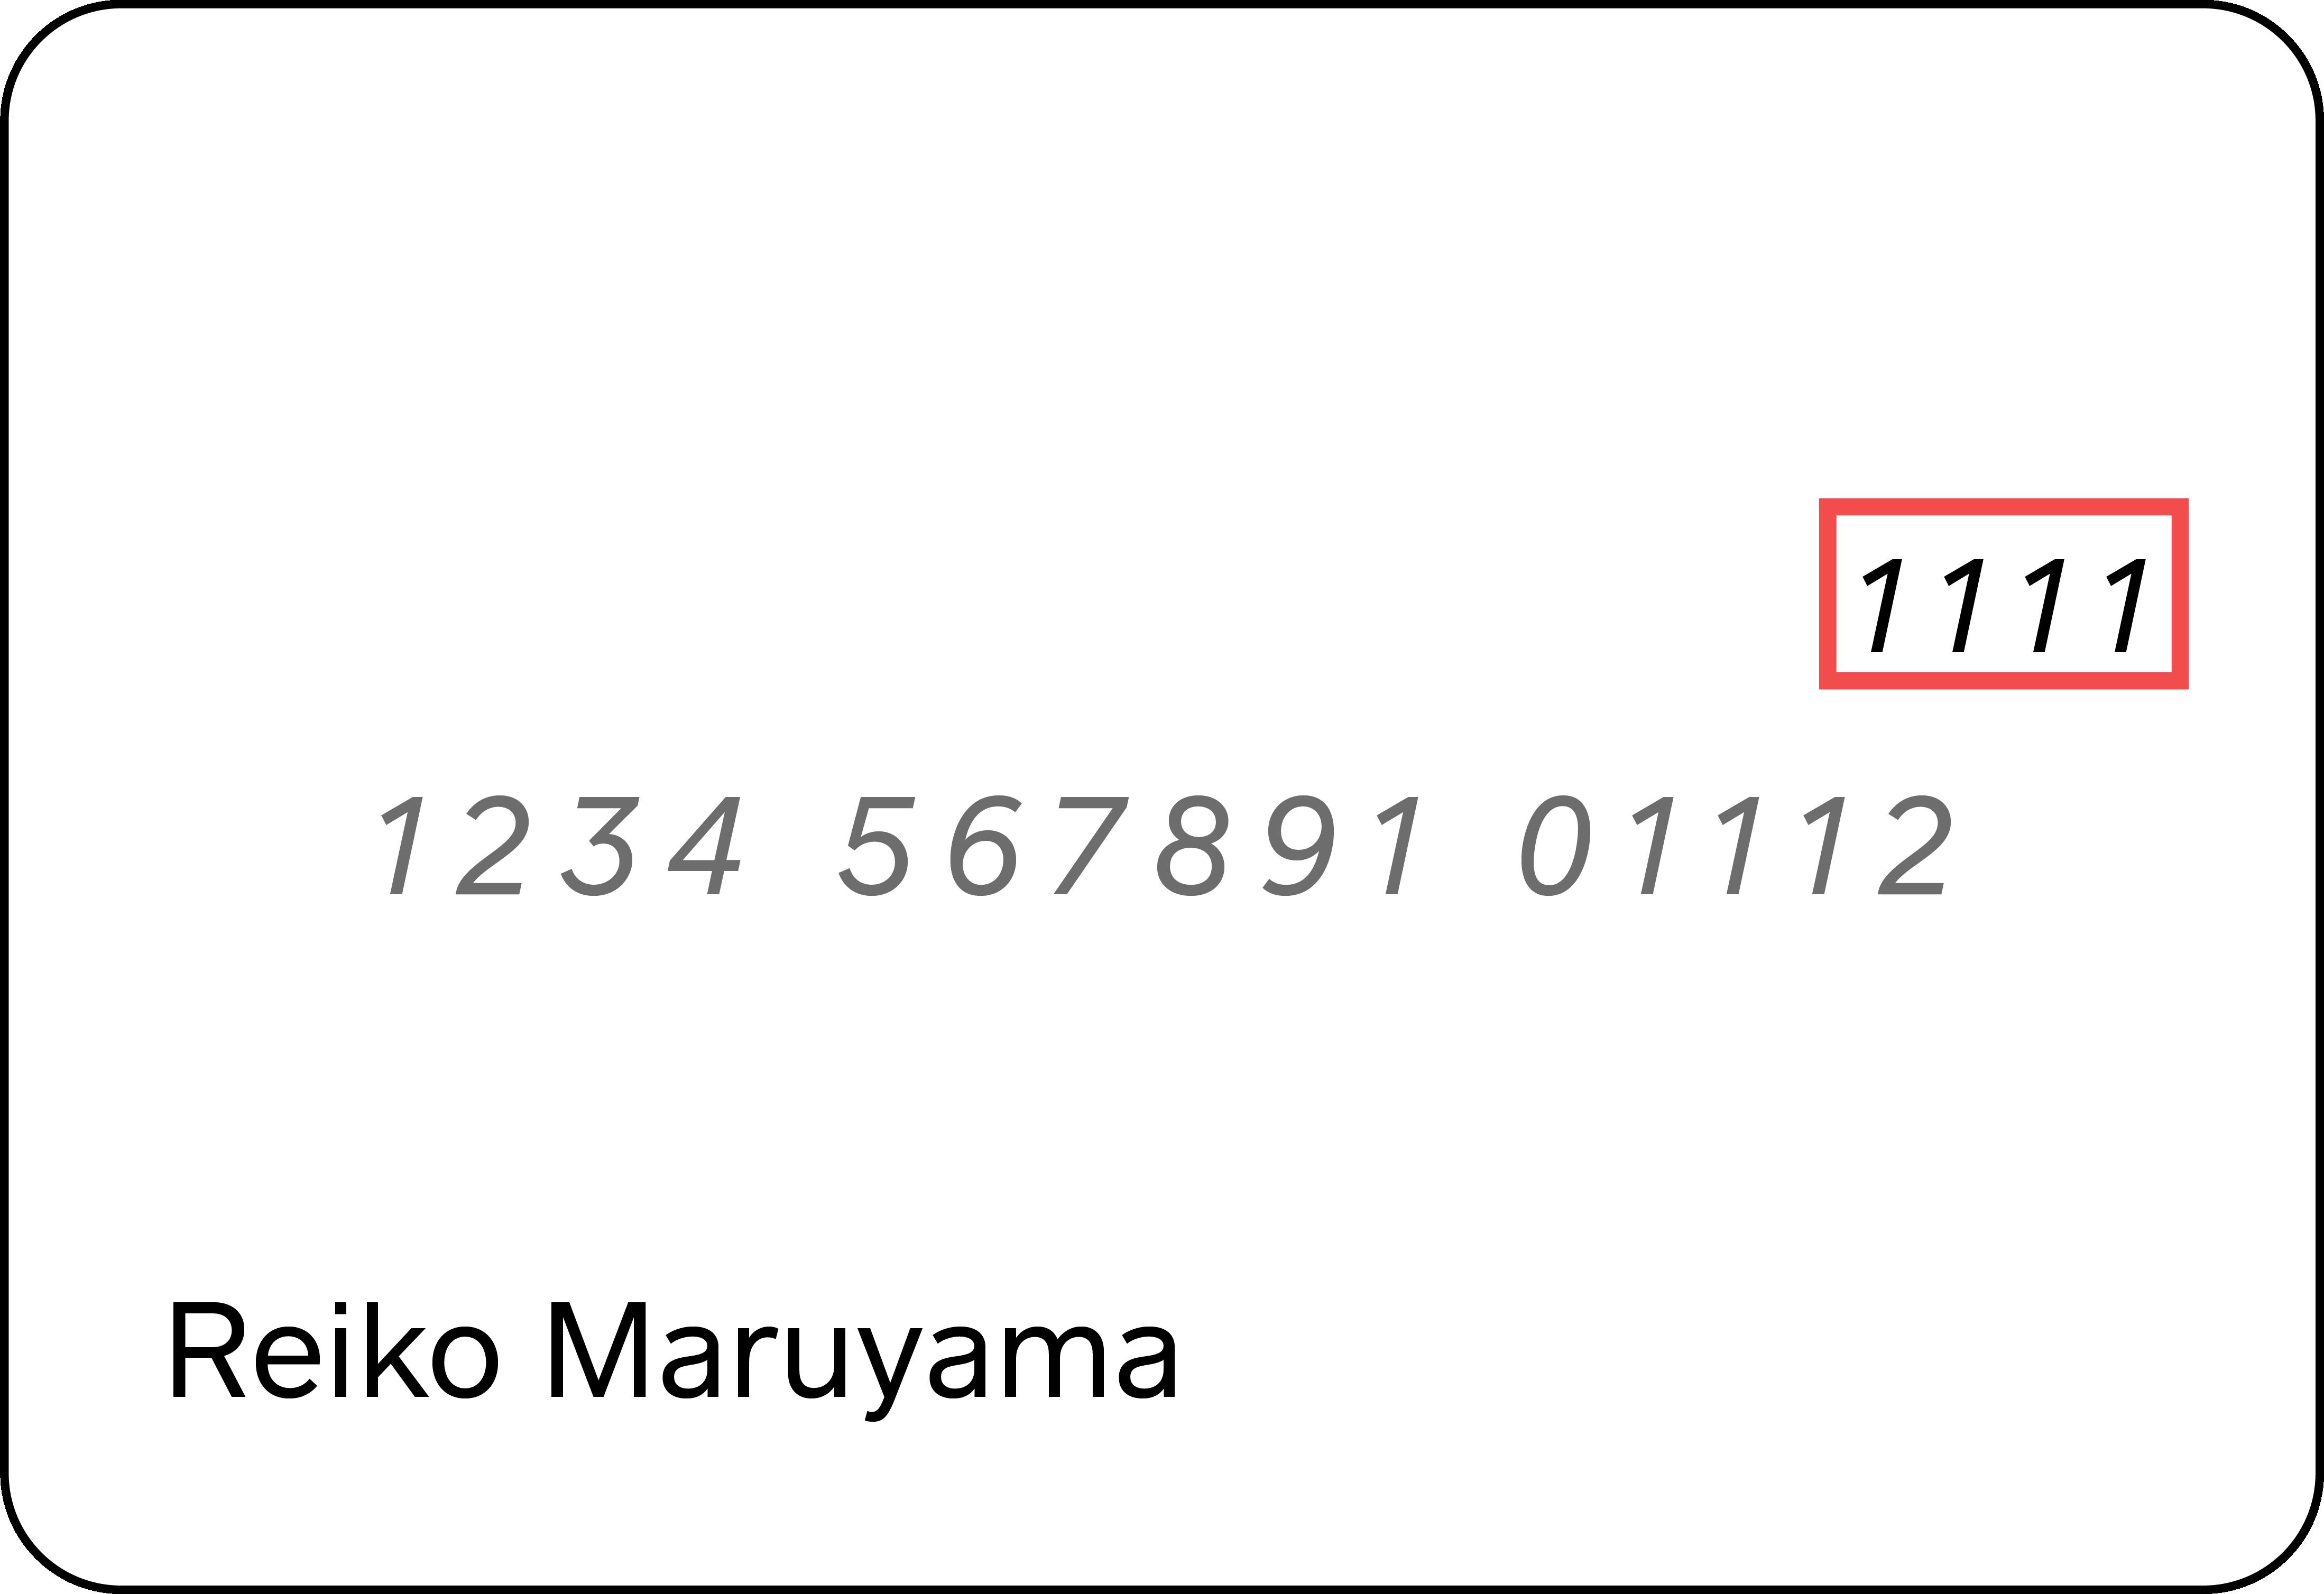 コード クレジット カード セキュリティ